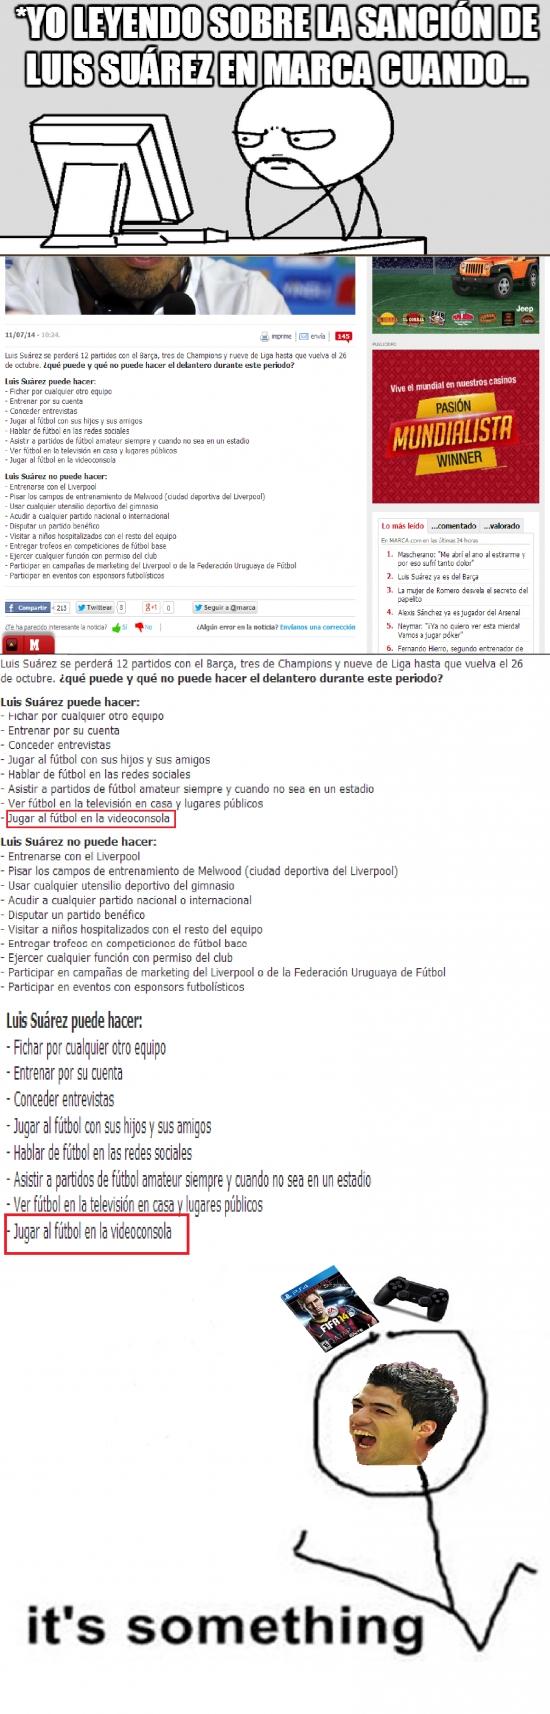 Its_something - Leyendo sobre la Sanción de Luis Suárez en Marca cuando...